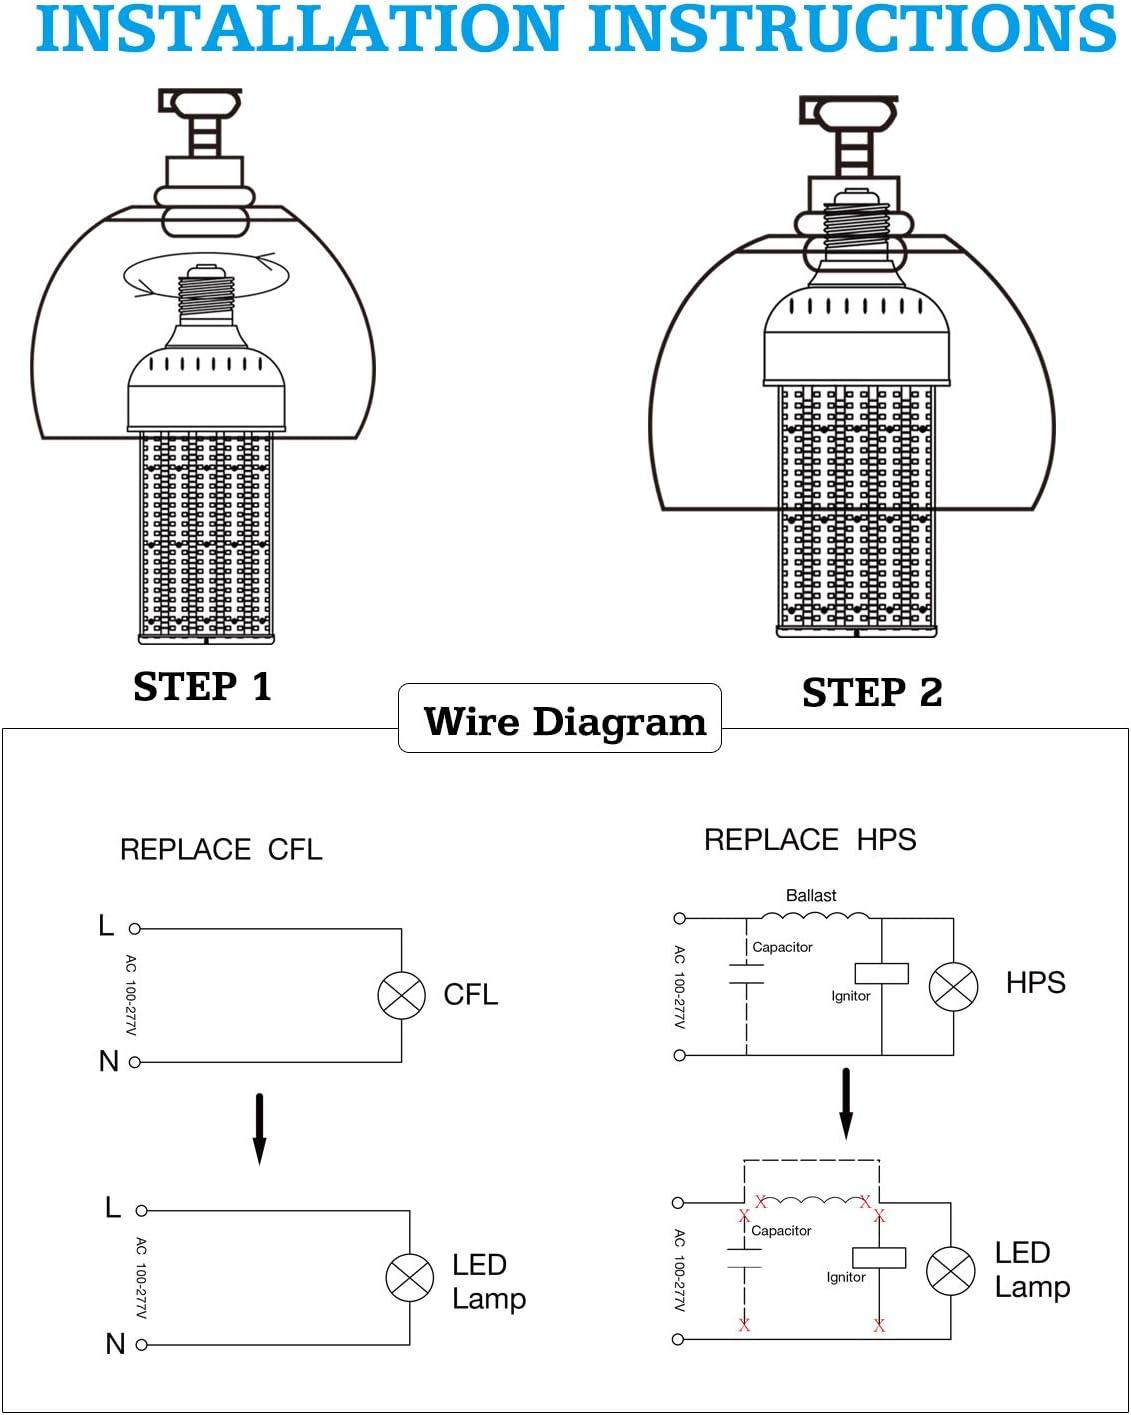 400w Metal Halide Wiring Diagram